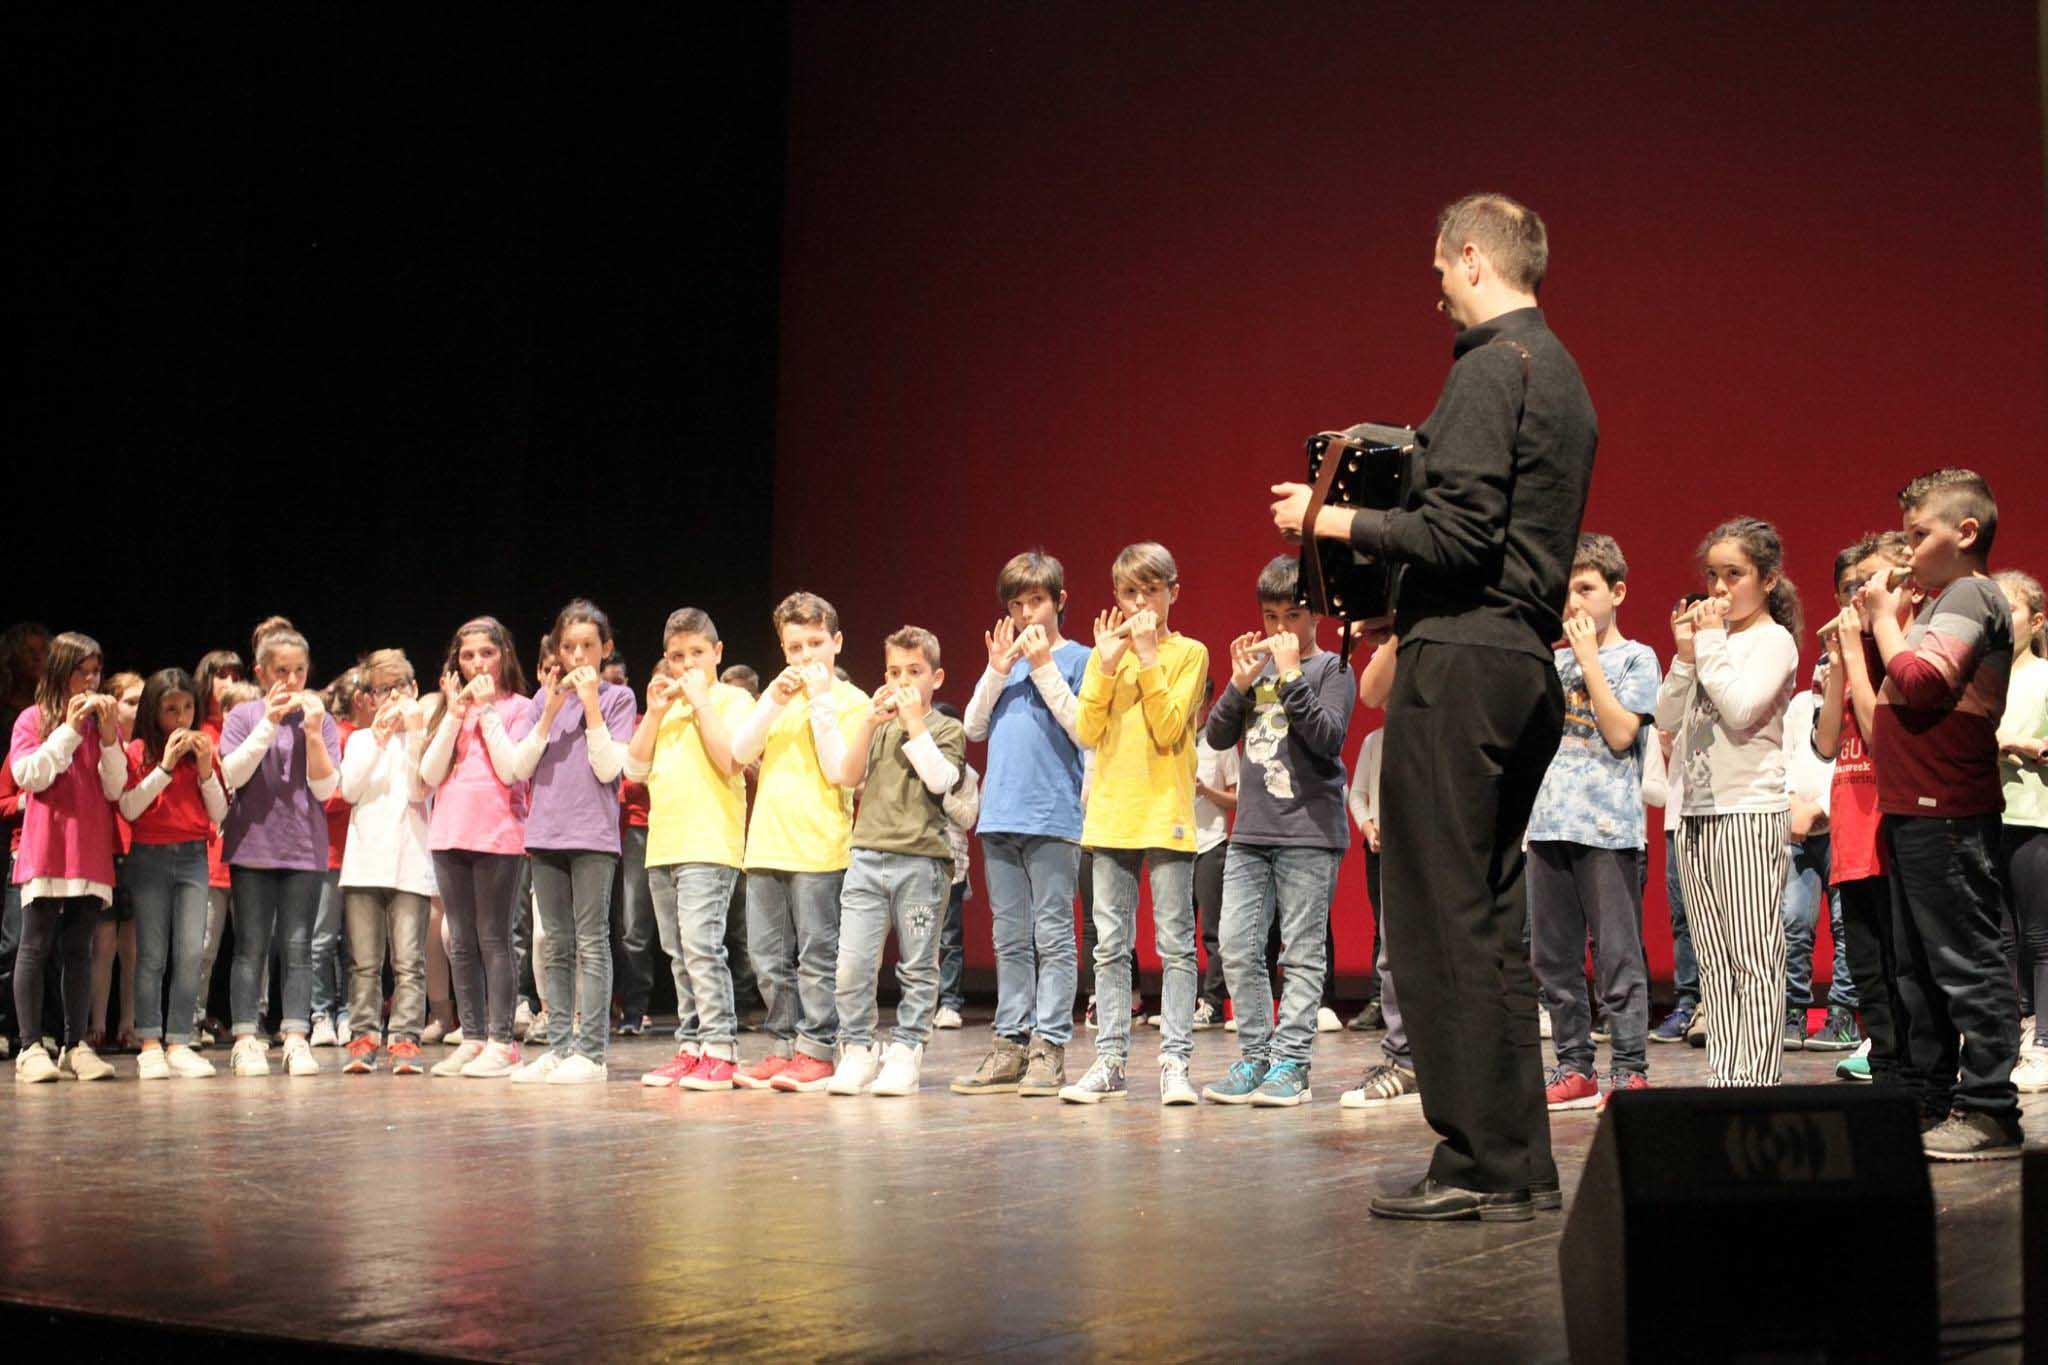 Un'orchestra a scuola, ocarina e archi per imparare a suonare